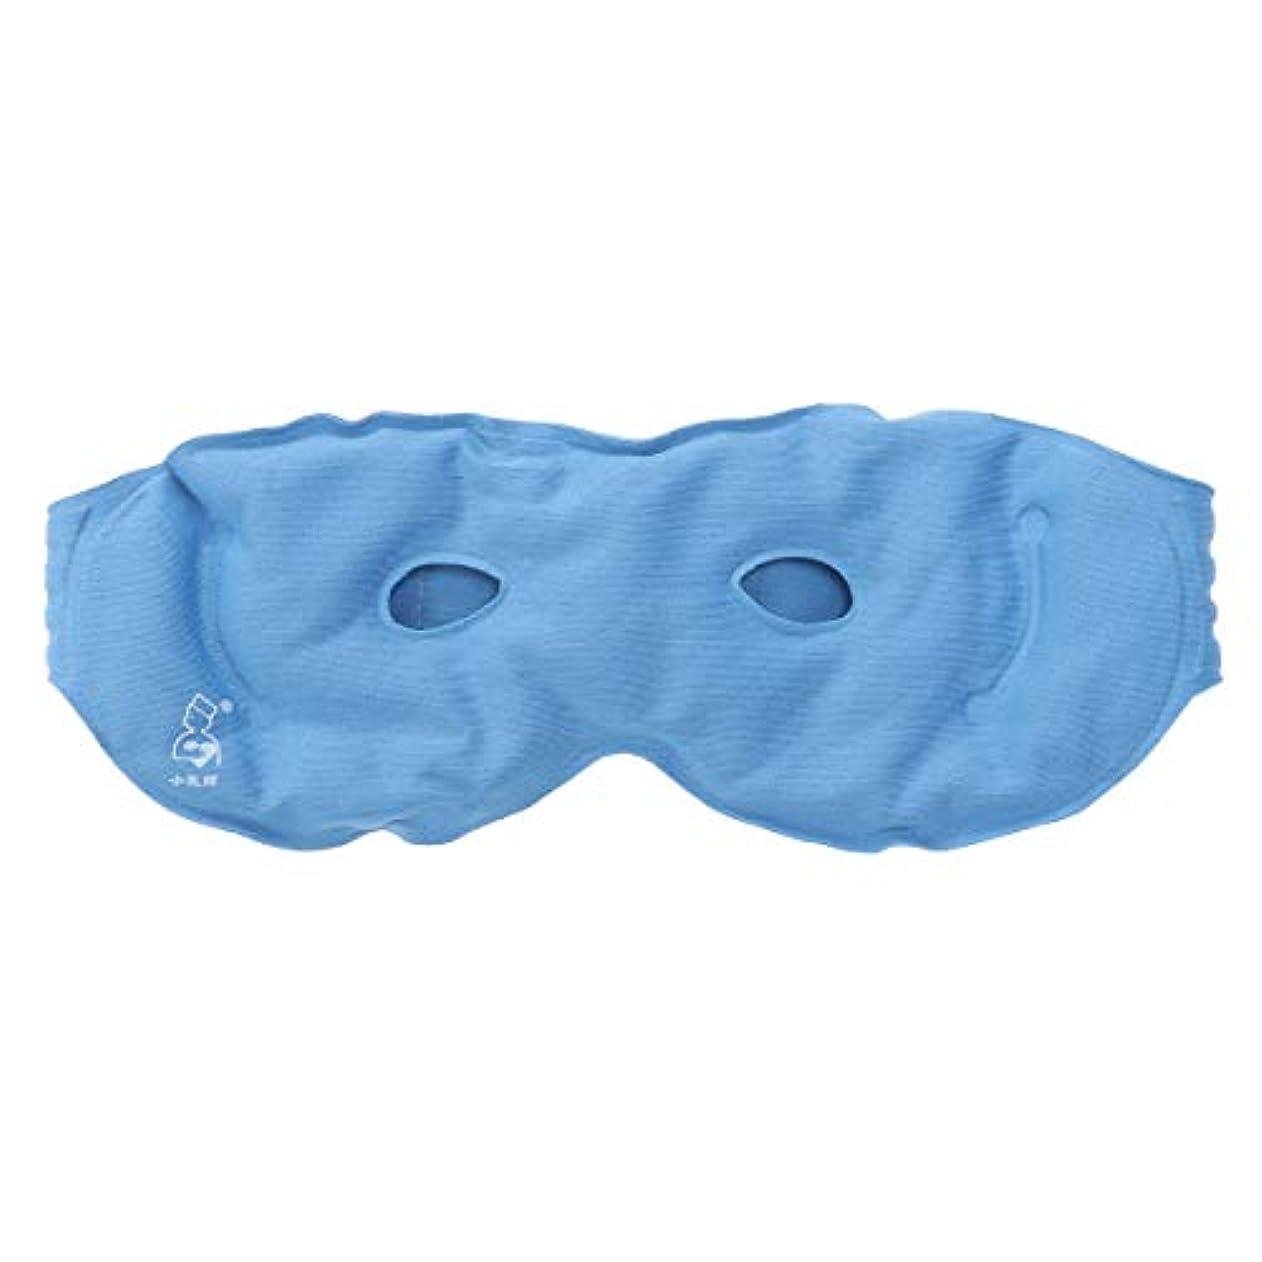 と彼代理店Healifty 冷やすアイマスクアイスコンプレッションバッグリラックス救済痛(青)